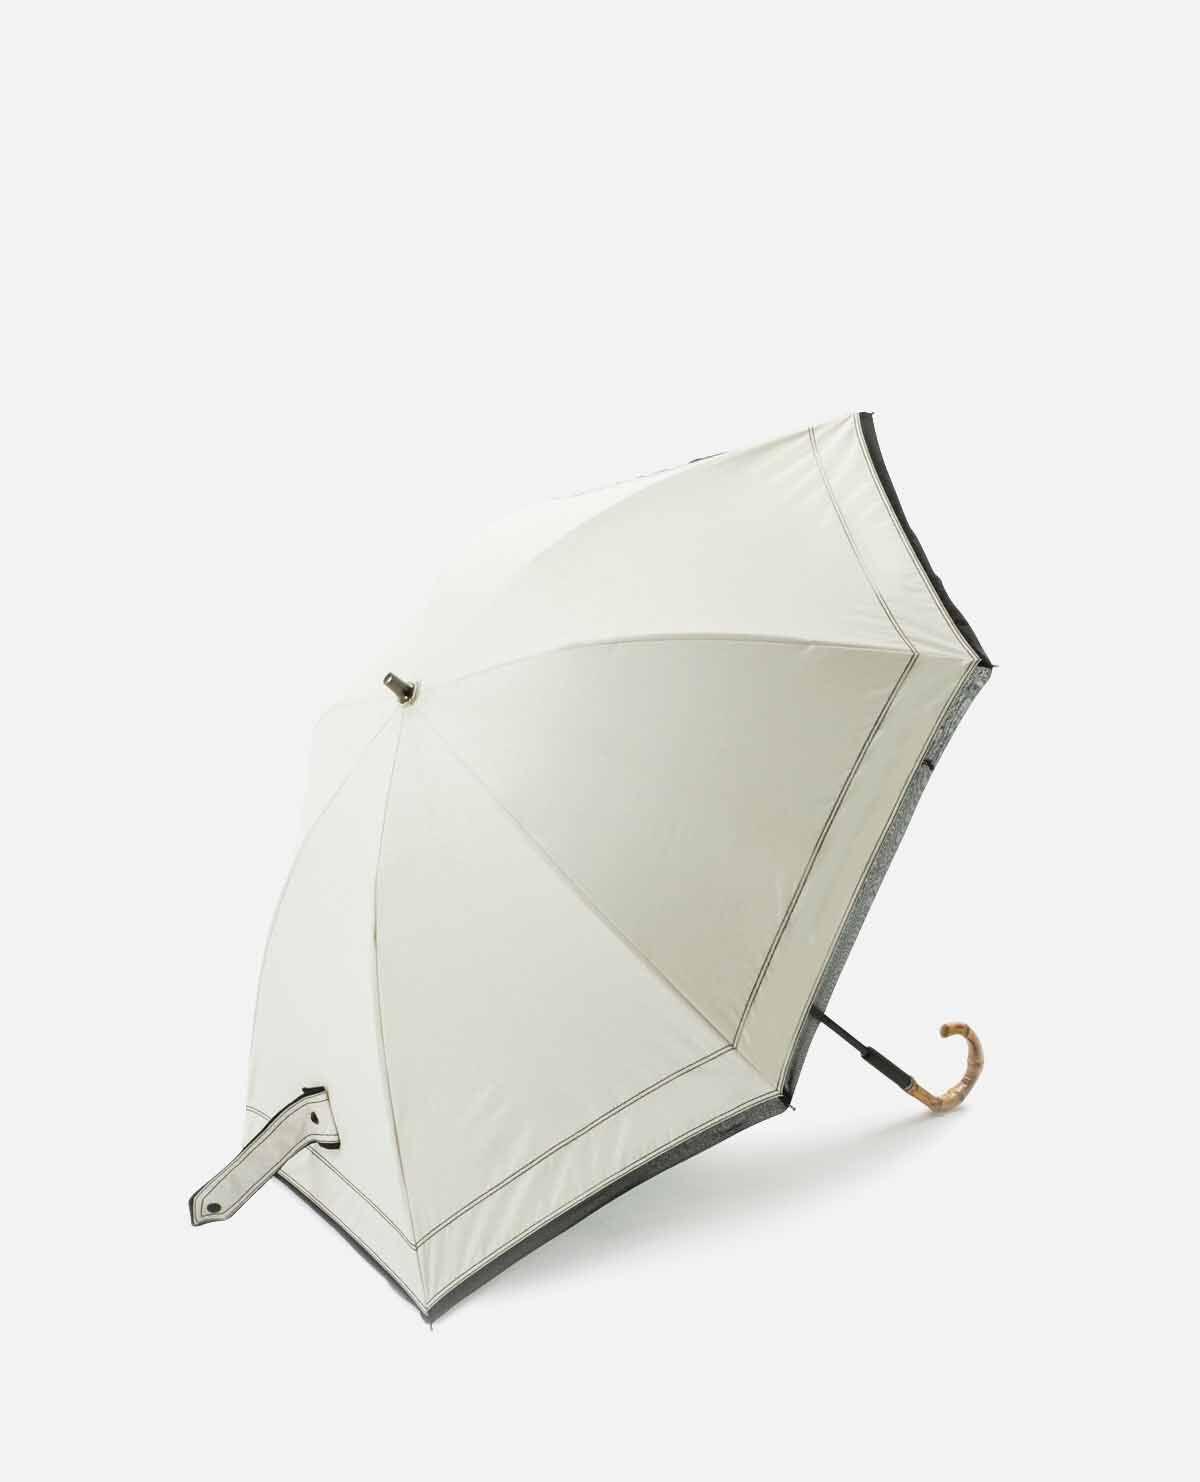 デニム ステッチ パイピング 日傘